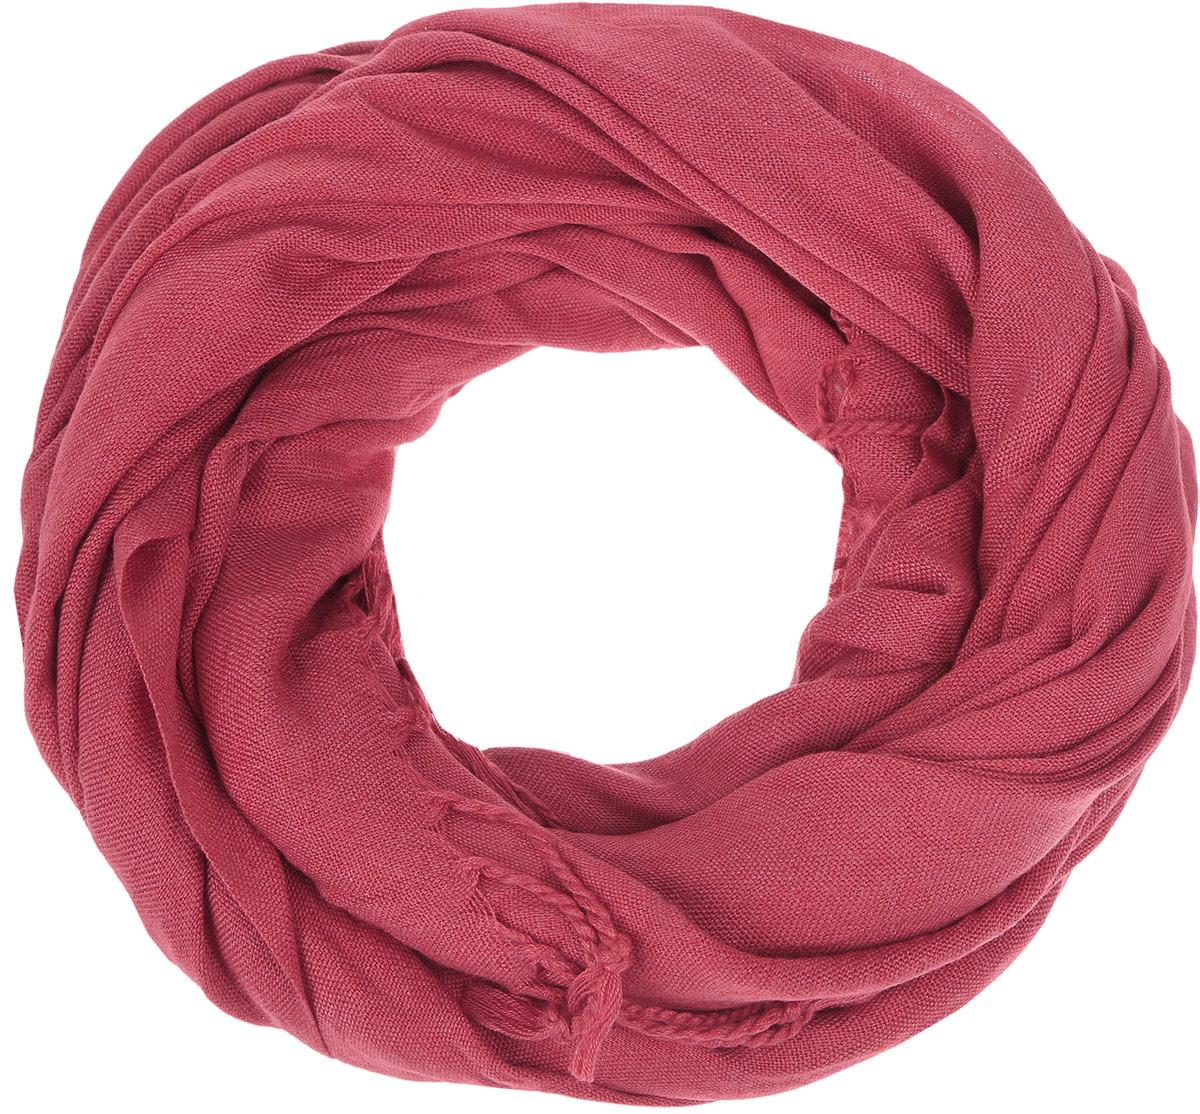 ШарфSCw-142/442-6302Модный женский шарф Sela подарит вам уют и станет стильным аксессуаром, который призван подчеркнуть вашу индивидуальность и женственность. Шарф выполнен из полиэстера с добавлением вискозы, он невероятно мягкий и приятный на ощупь. Шарф украшен бахромой в виде жгутиков по краям. Этот модный аксессуар гармонично дополнит образ современной женщины, следящей за своим имиджем и стремящейся всегда оставаться стильной и элегантной. Такой шарф украсит любой наряд и согреет вас в непогоду, с ним вы всегда будете выглядеть изысканно и оригинально.